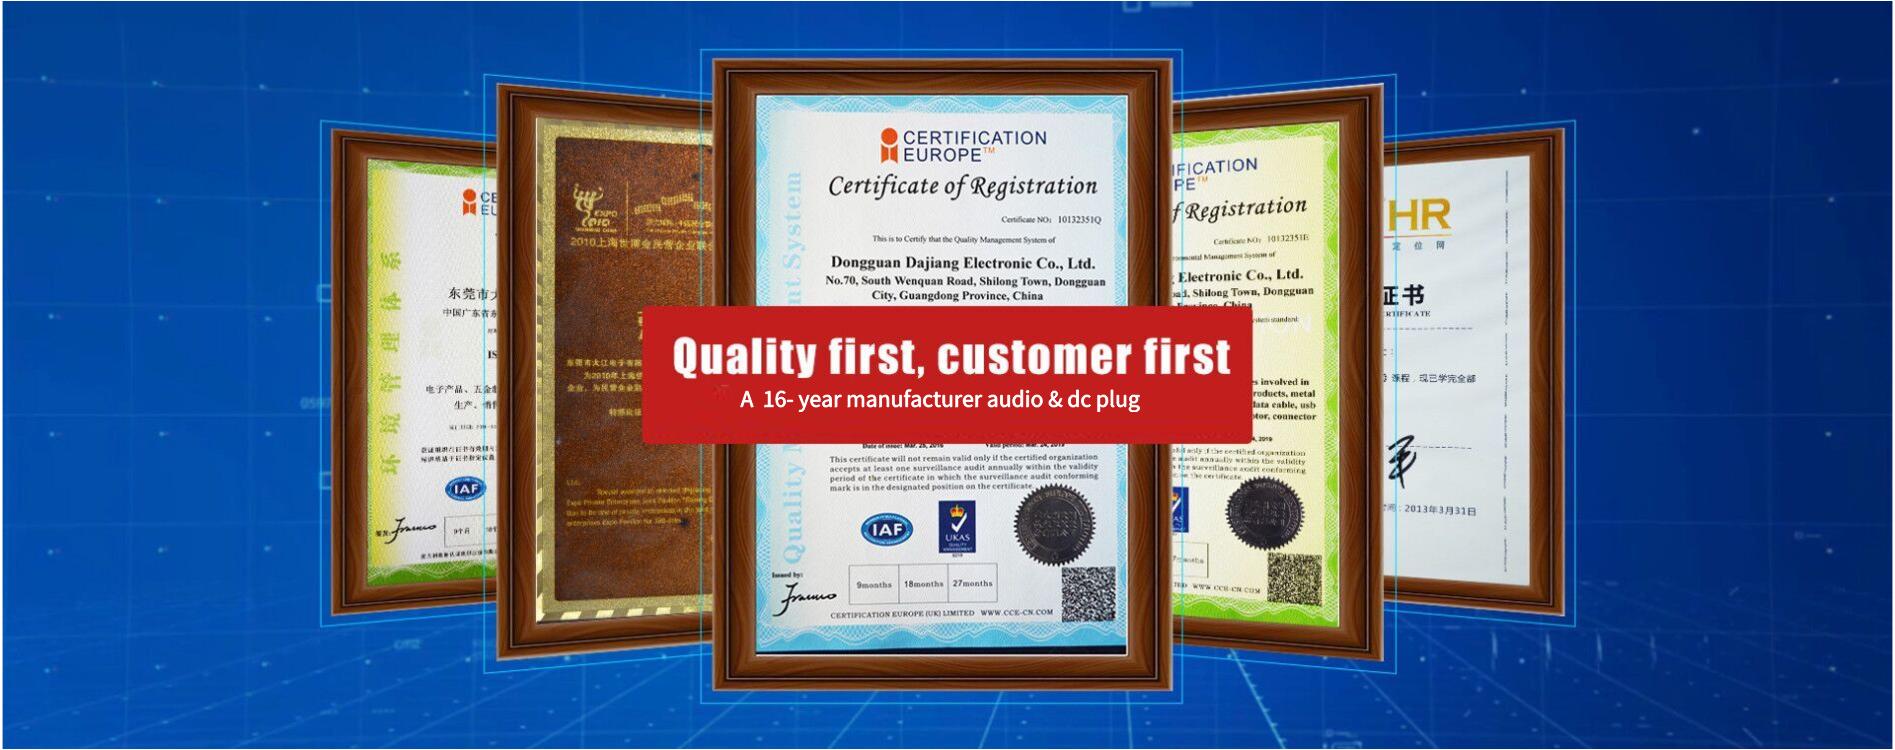 Dongguan Dajiang Electronic Co., Ltd.